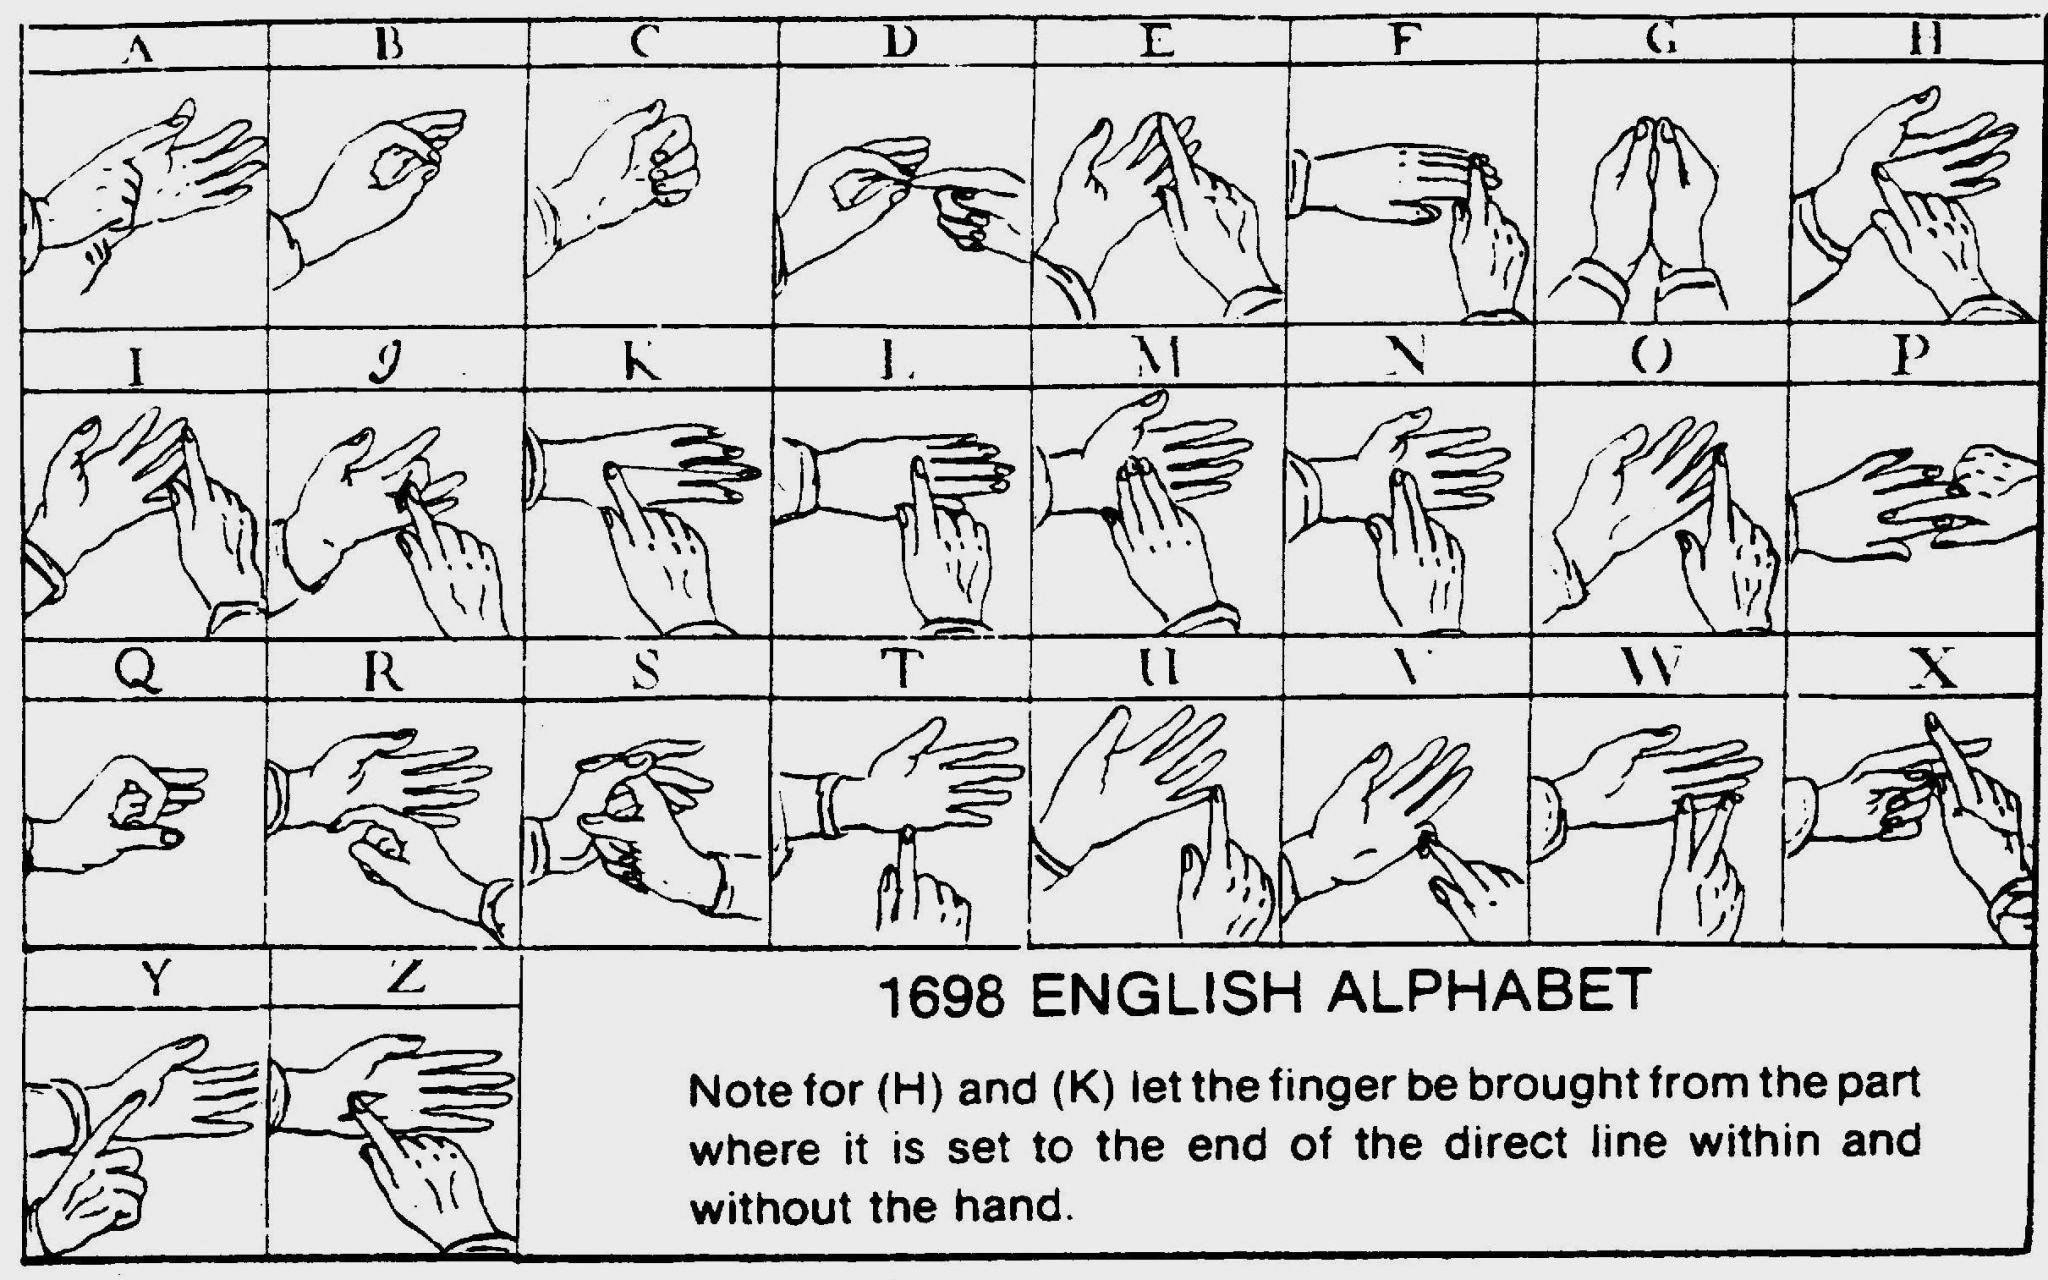 Fingerspelling Practice Worksheets  Briefencounters Intended For Fingerspelling Practice Worksheets